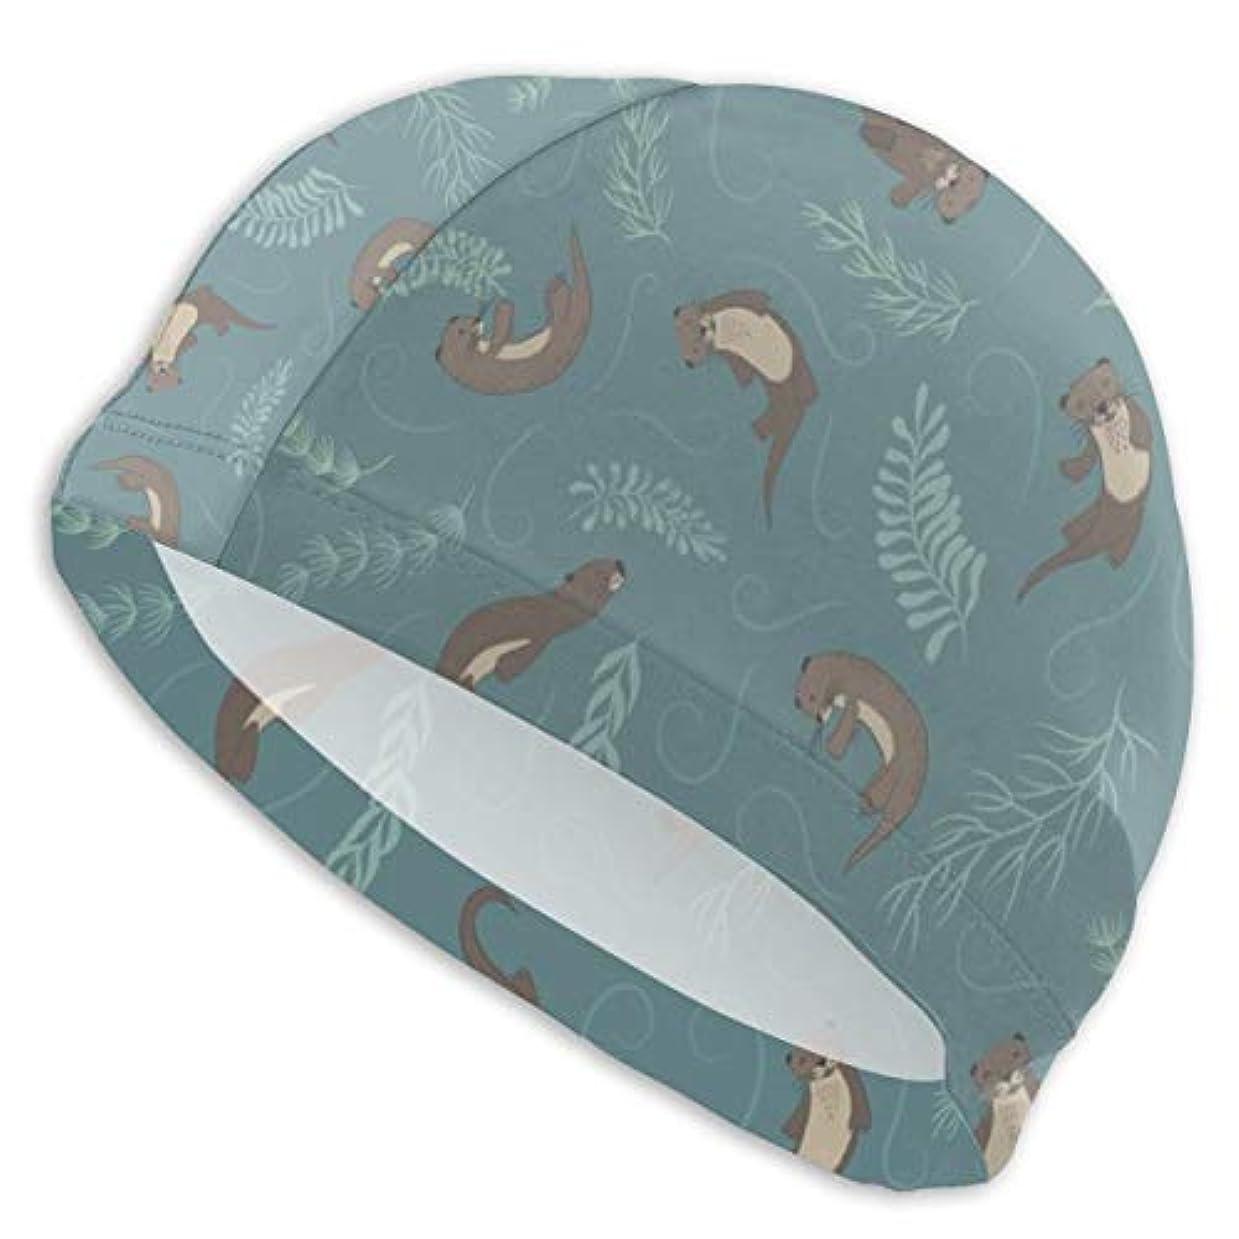 石灰岩光沢落ち着いて動物カワウソスイムキャップ スイミングキャップ 水泳キャップ 競泳 水泳帽 メンズ レディース 兼用 ゆったりサイズ フリーサイズ(28-33cm)